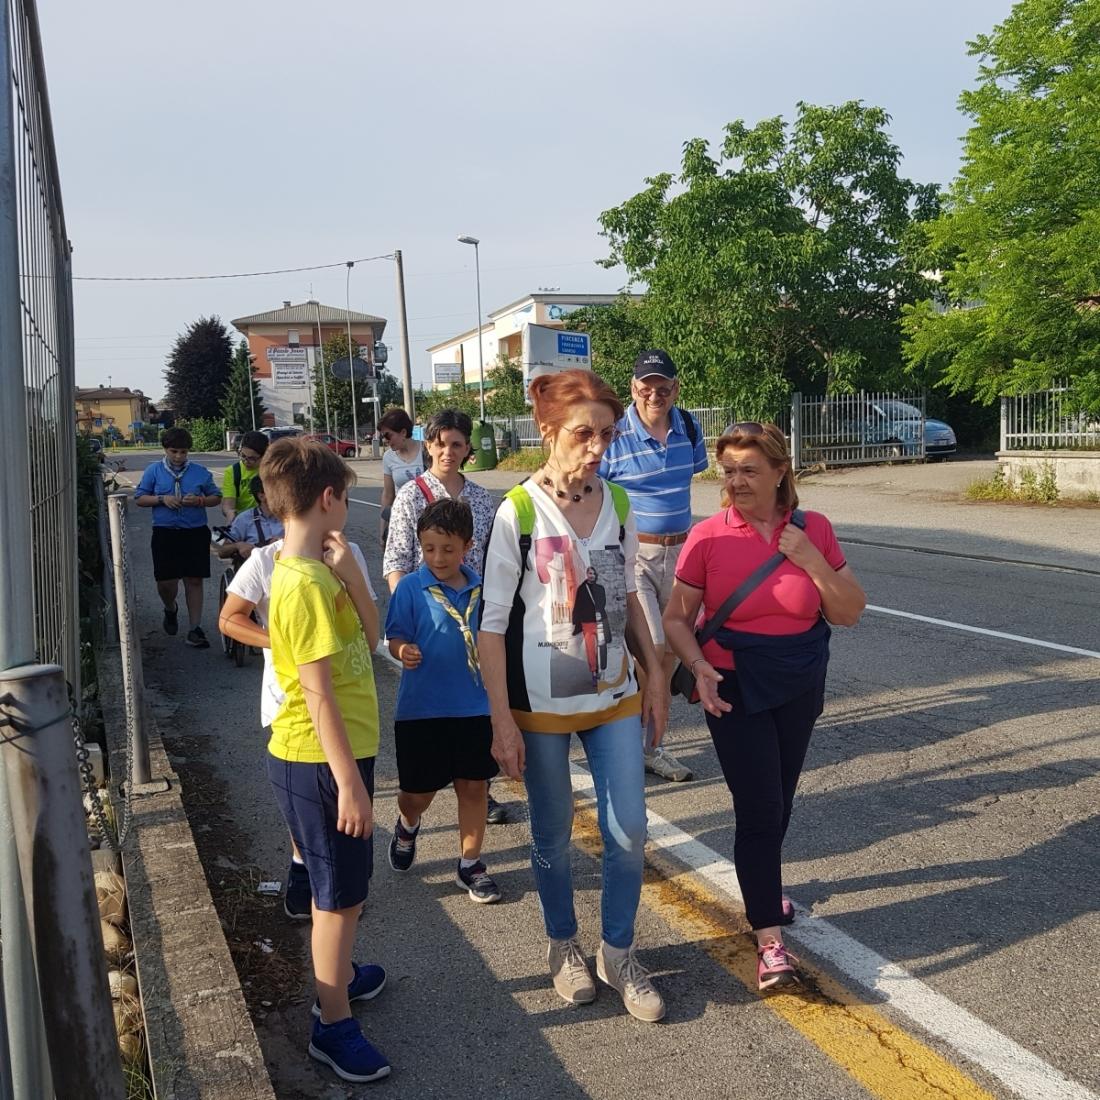 Pellegrinaggio Paderna 2018 (11)